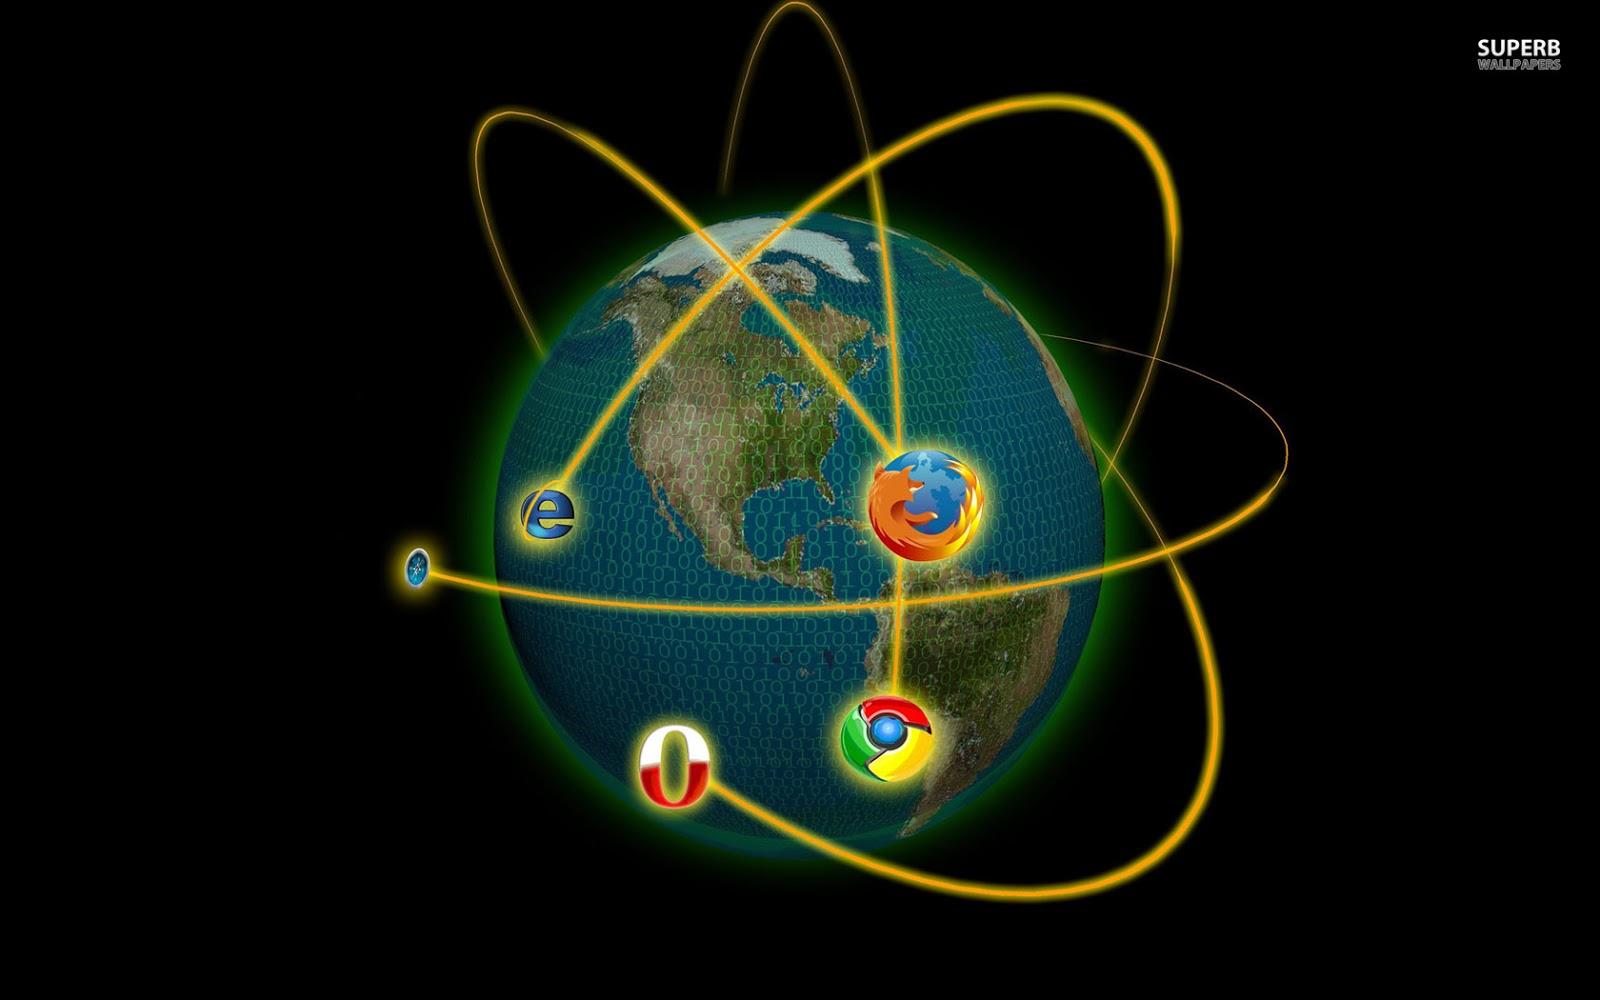 Hướng dẫn cài đặt thêm nhiều trình duyệt trên Kali linux